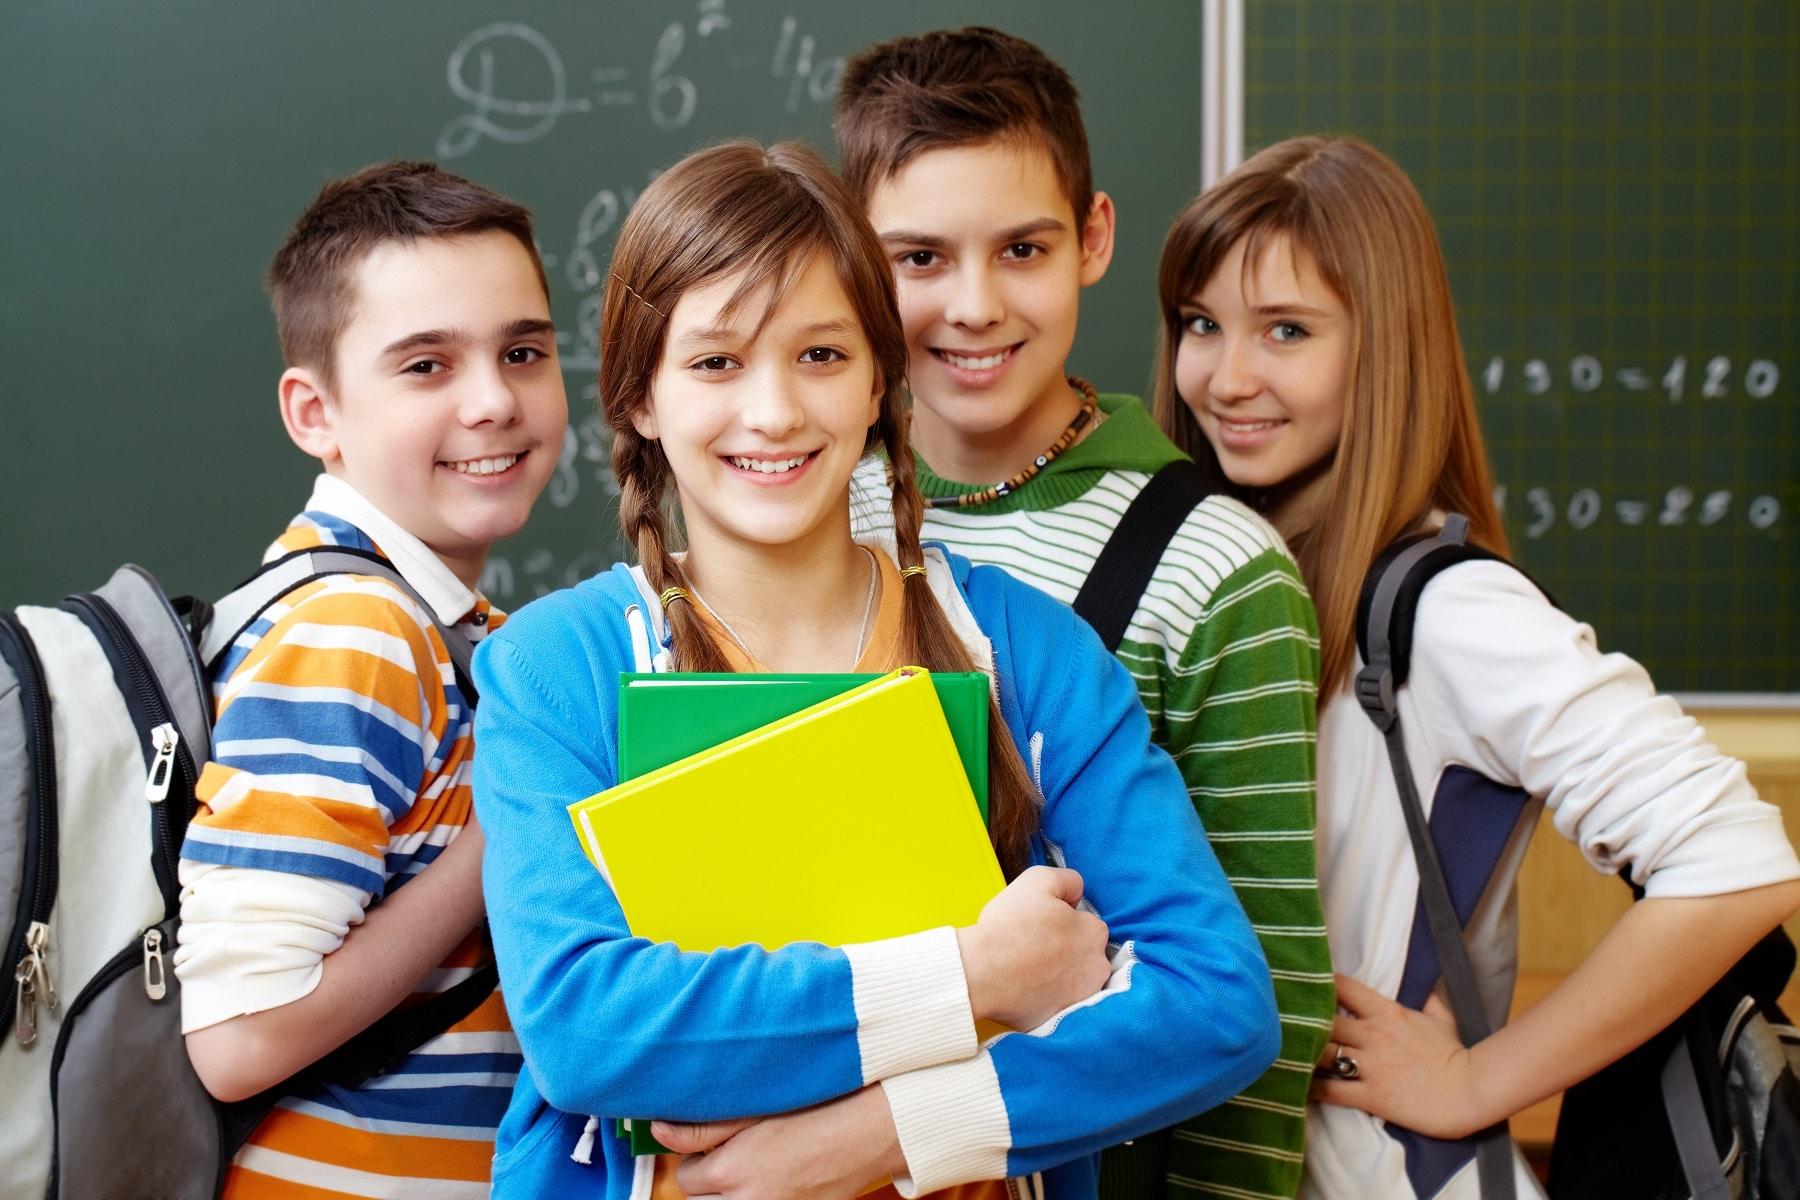 Kewajiban siswa di sekolah